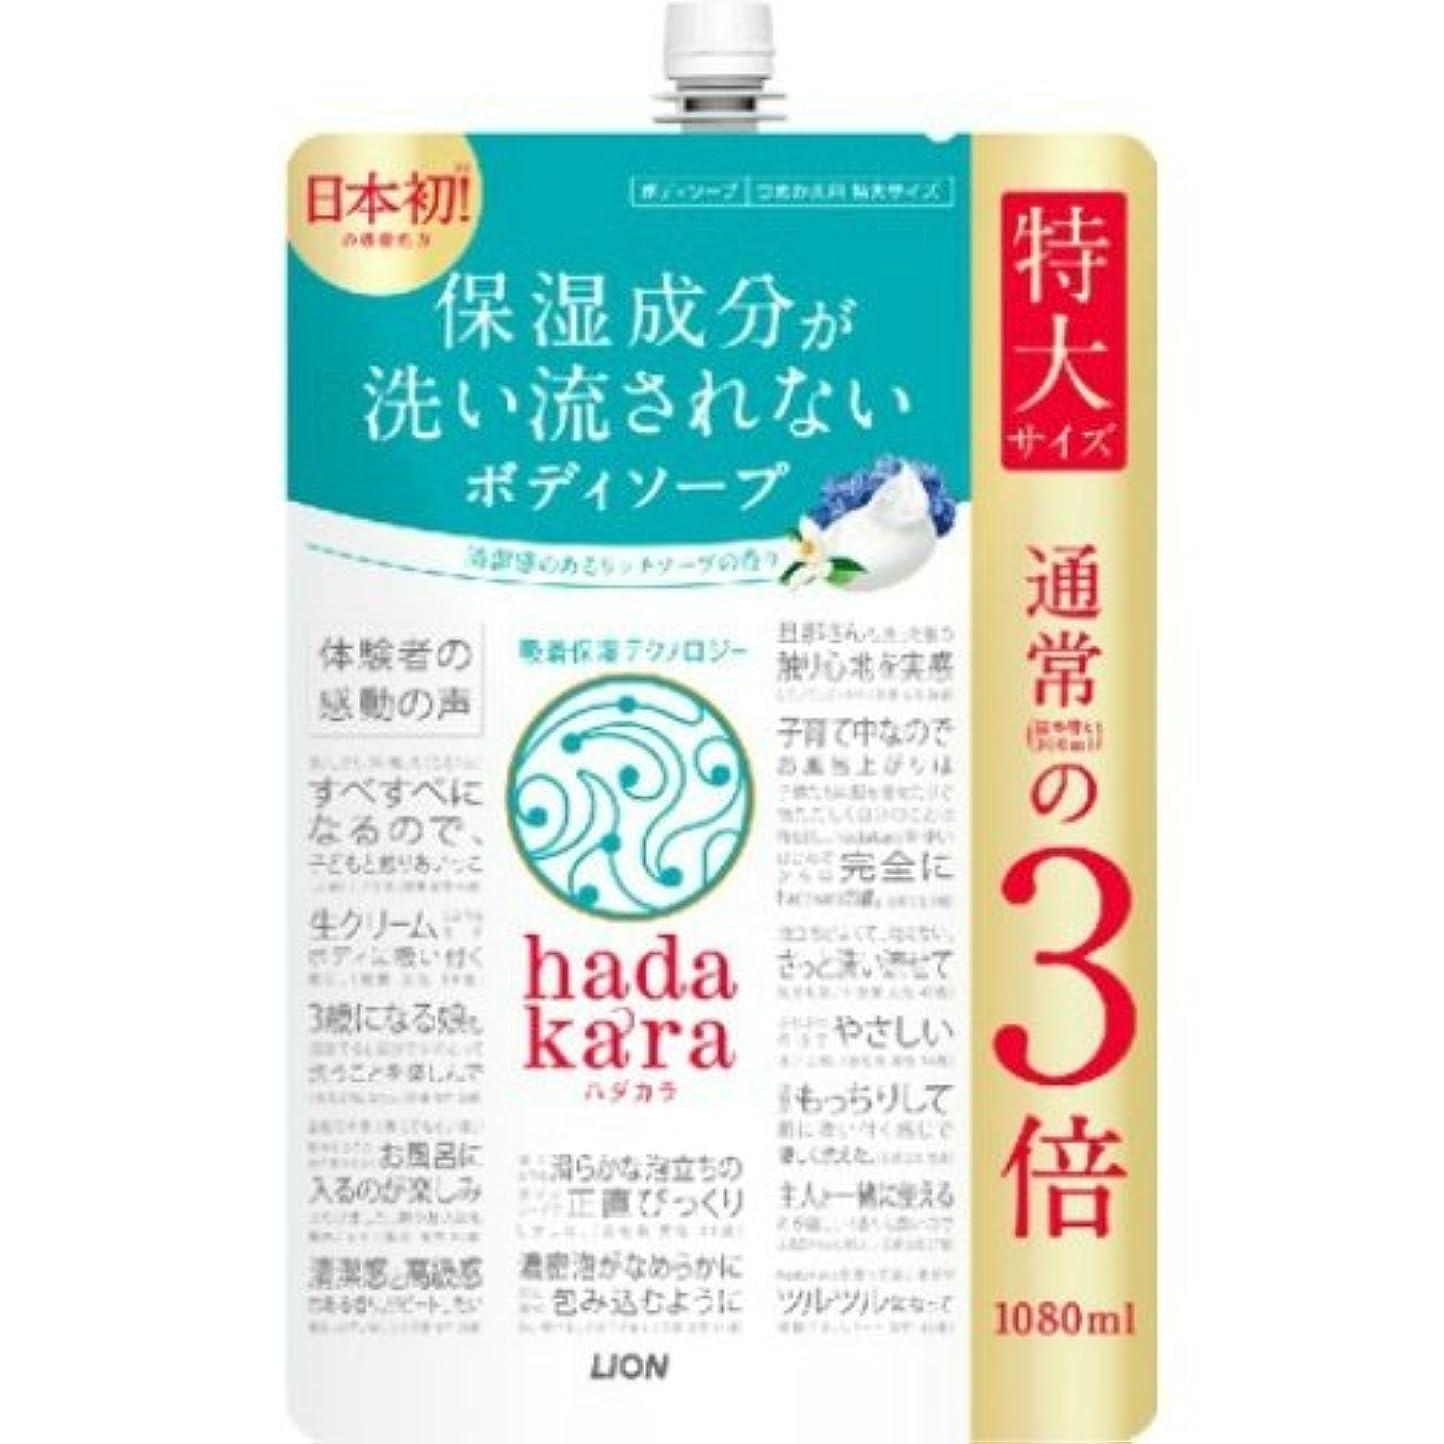 ジーンズ聴覚障害者文明化するLION ライオン hadakara ハダカラ ボディソープ リッチソープの香り つめかえ用 特大サイズ 1080ml ×3点セット(4903301260882)